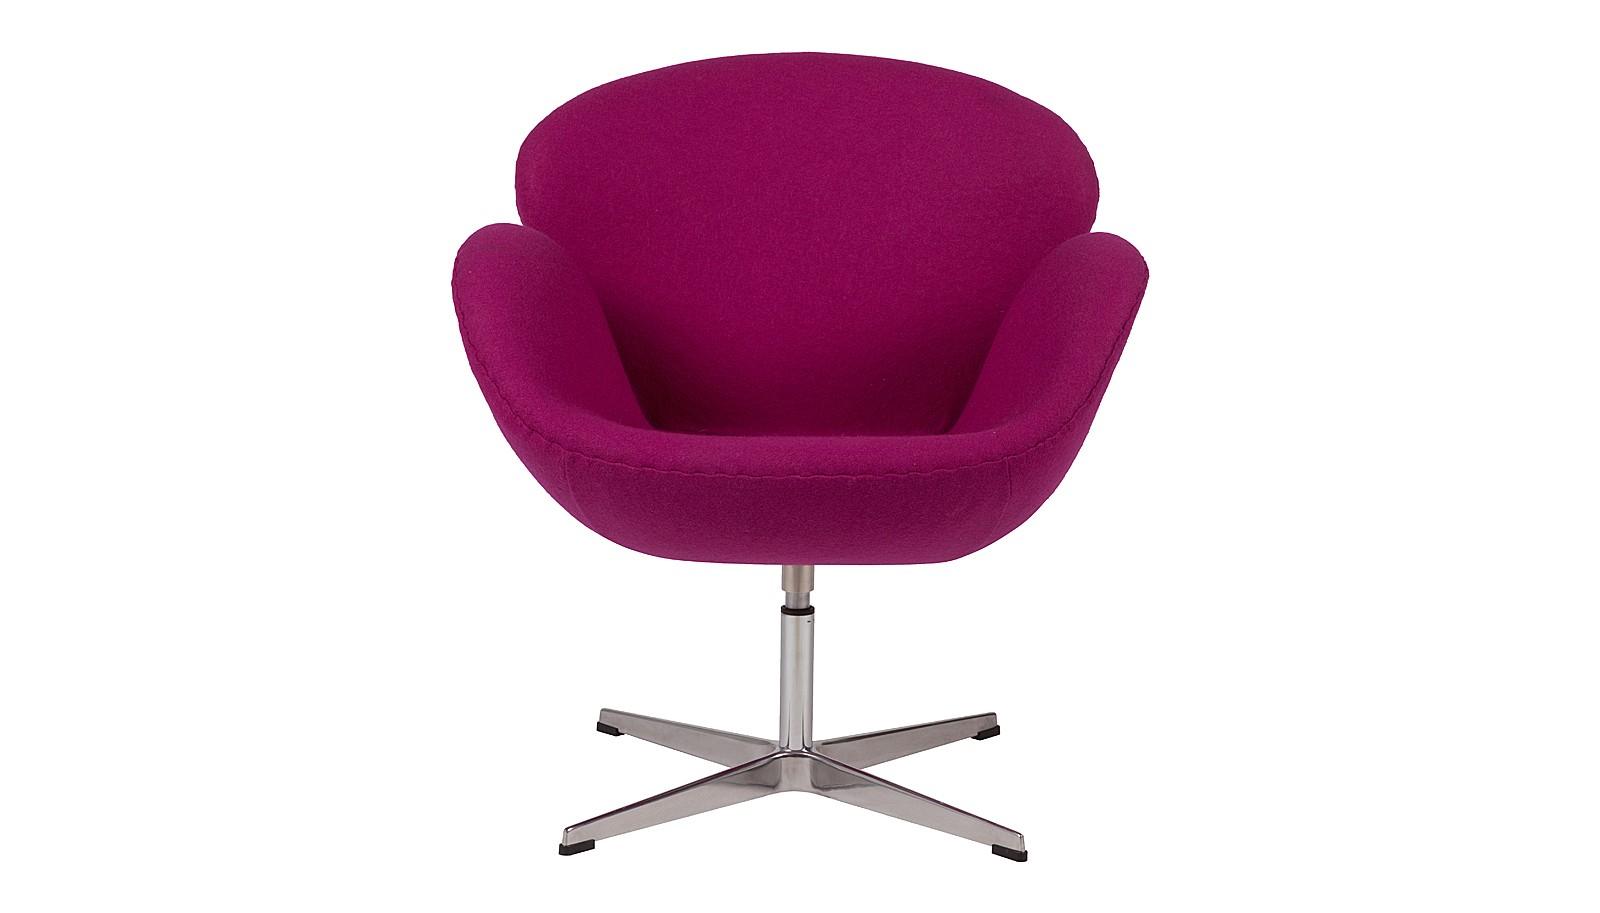 Кресло Swan ChairИнтерьерные кресла<br>&amp;lt;span style=&amp;quot;line-height: 24.9999px;&amp;quot;&amp;gt;Фиолетовое кресло от дизайнера Арне Якобсена получило мировое признание, превратившись в икону стиля. Создавая его, датчанин стремился передать скульптурные мотивы, многократно перекраивая размеры и формы предмета. Бренд DG Home добавил легенде каплю домашнего уюта, &amp;quot;обернув&amp;quot; его в чехол из натуральной шерсти.&amp;lt;/span&amp;gt;<br><br>Material: Шерсть<br>Width см: 70<br>Depth см: 71<br>Height см: 78